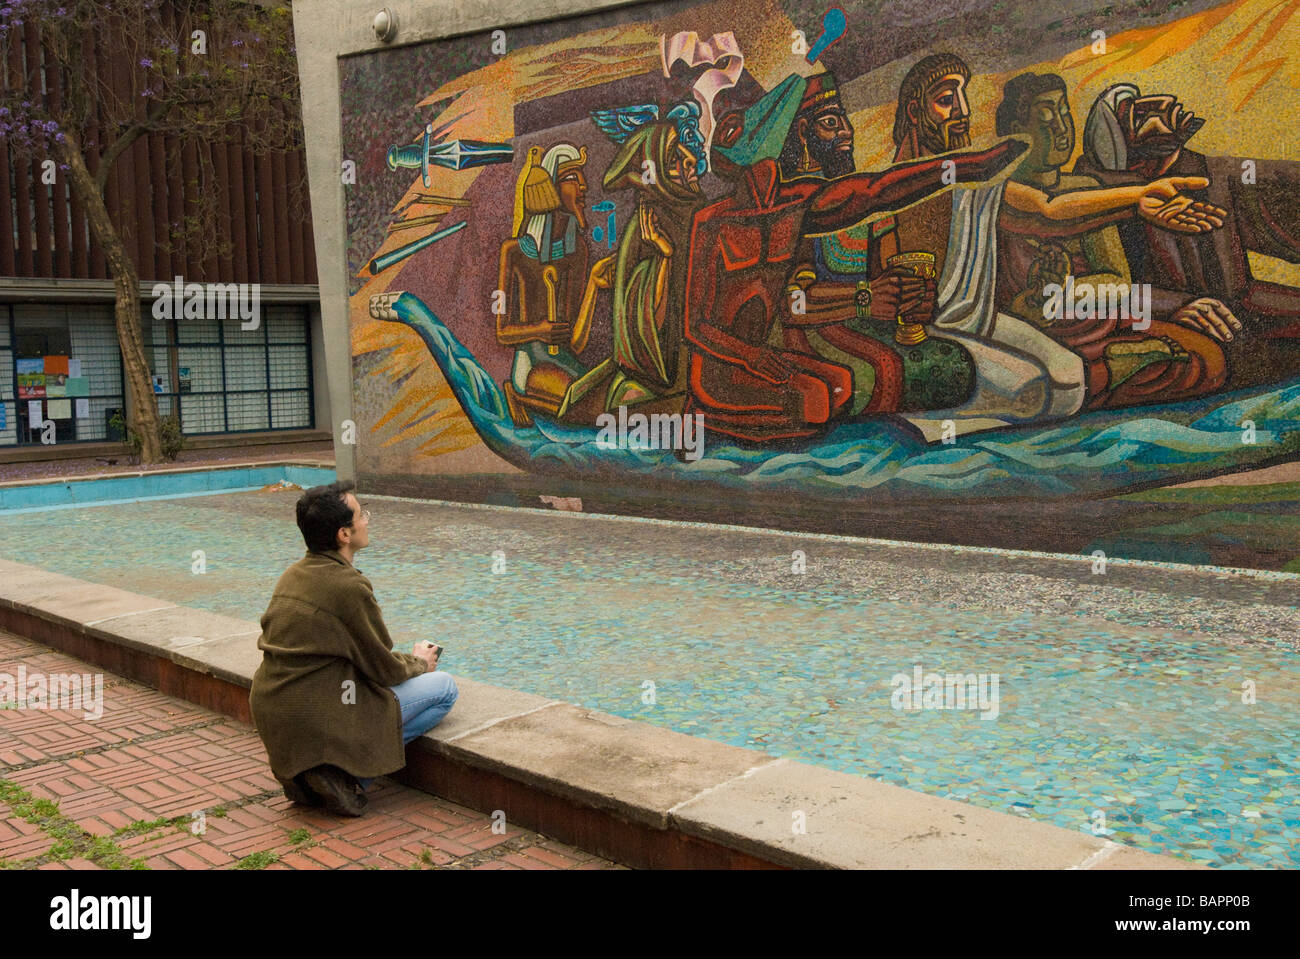 Jose chavez morado mosaic mural el retorno de for El mural pelicula